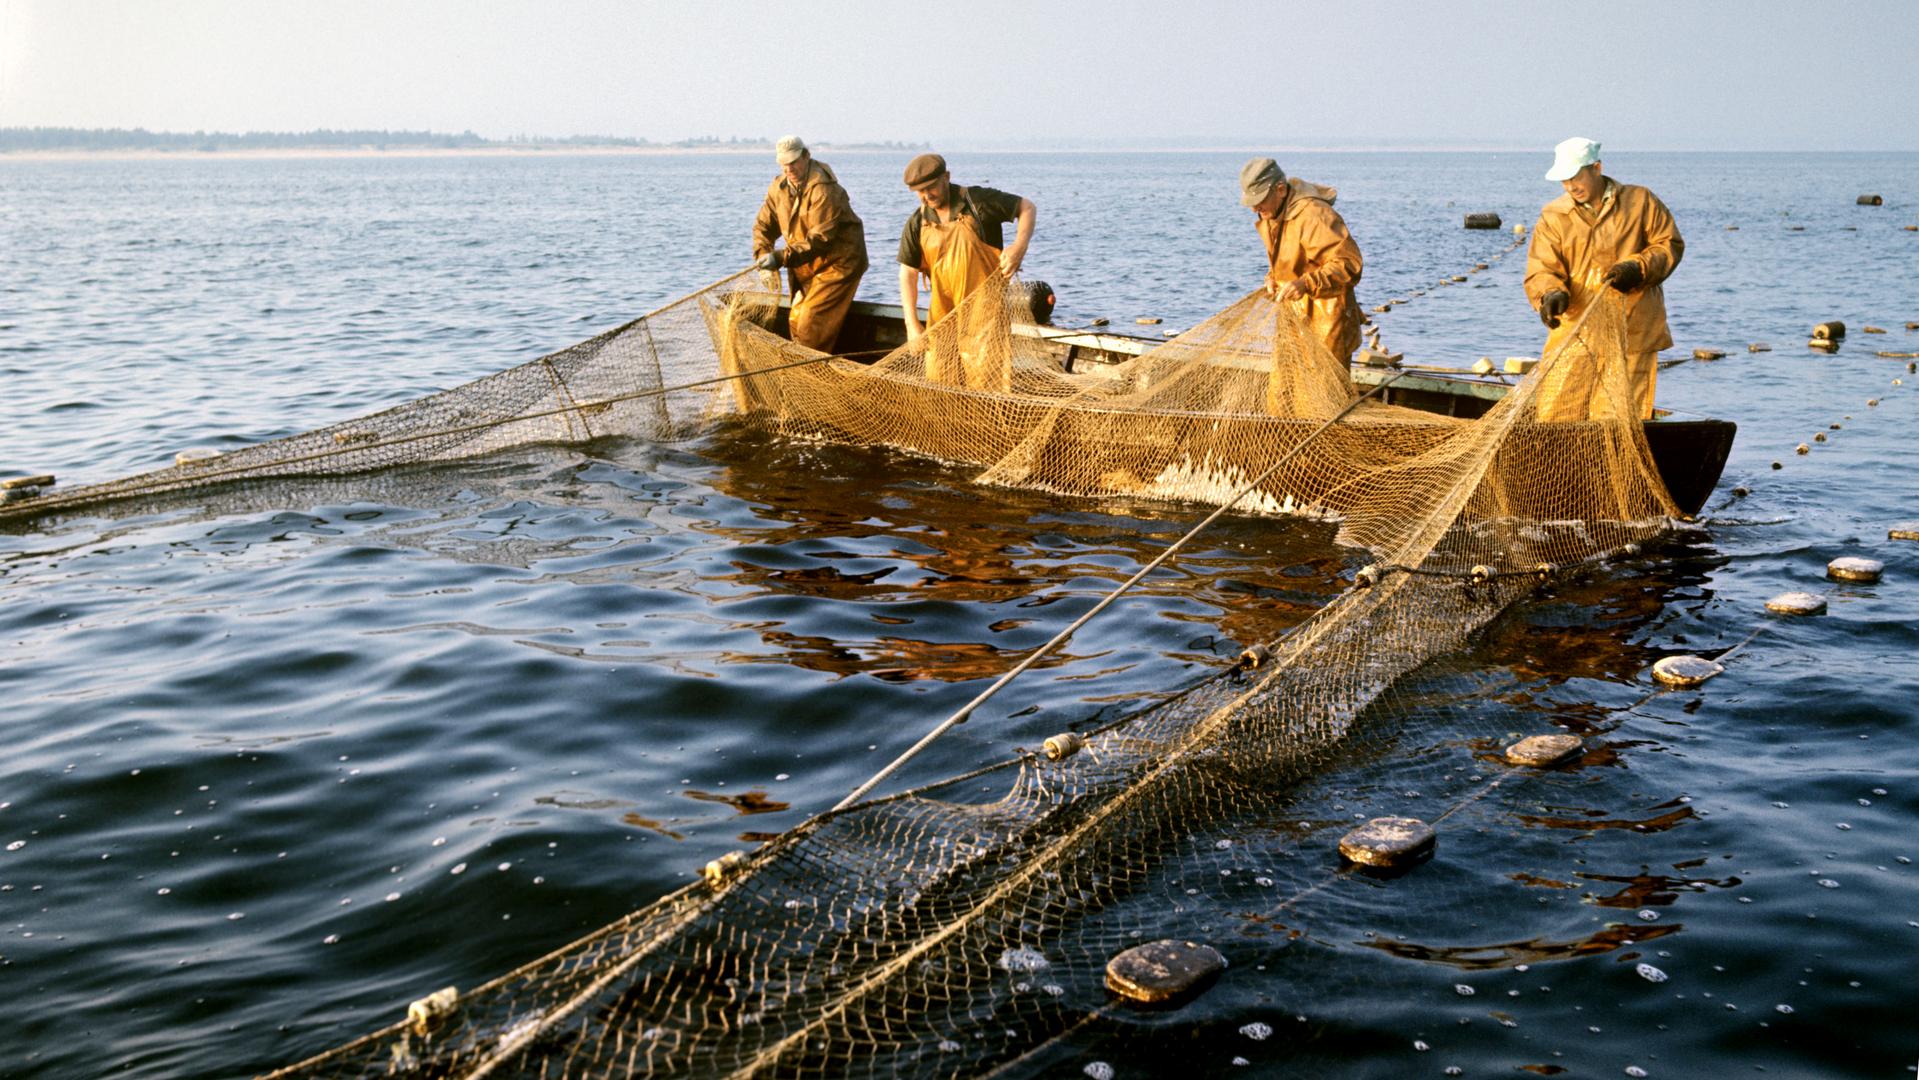 В 2017 году могут запретить вылов деликатесной рыбы из Байкала